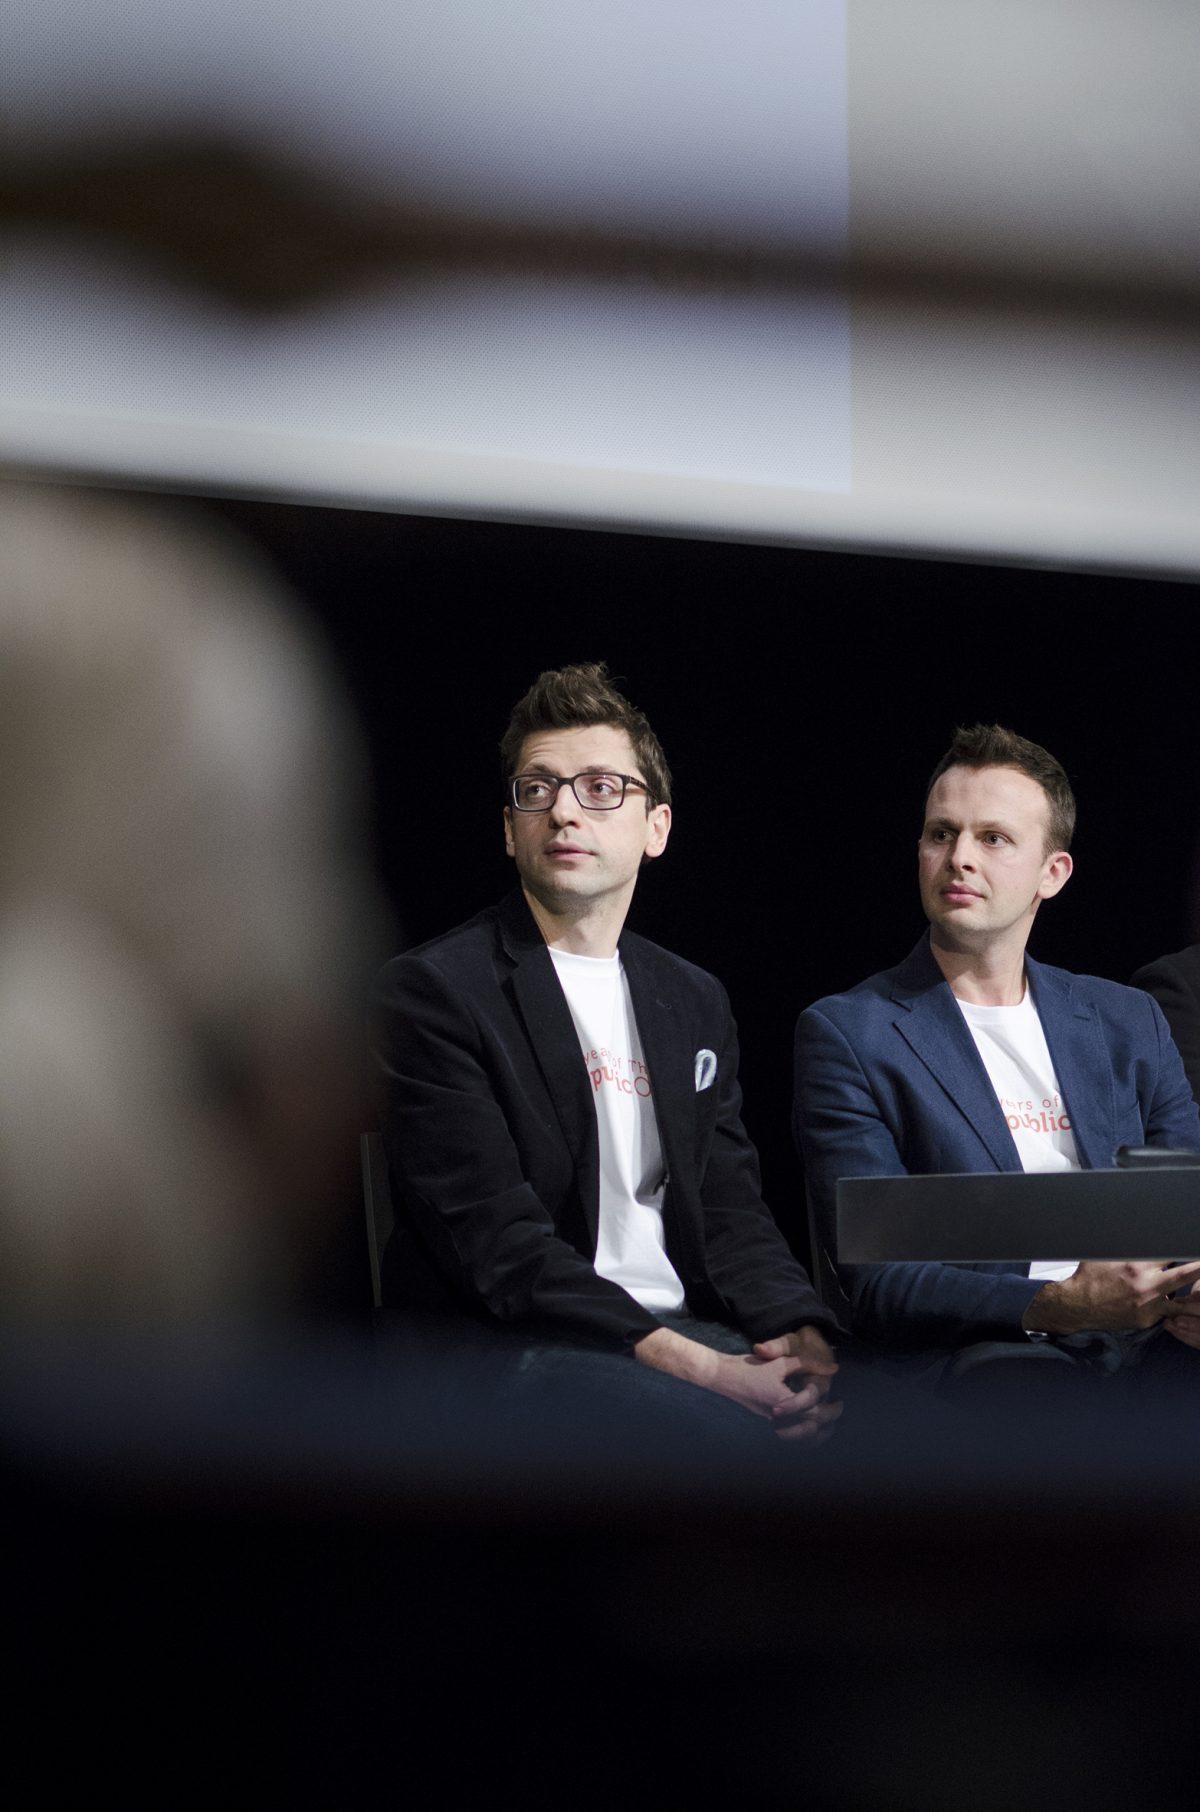 Słuchacze wykładu o przedsiębiorczości - fotografia reportażowa